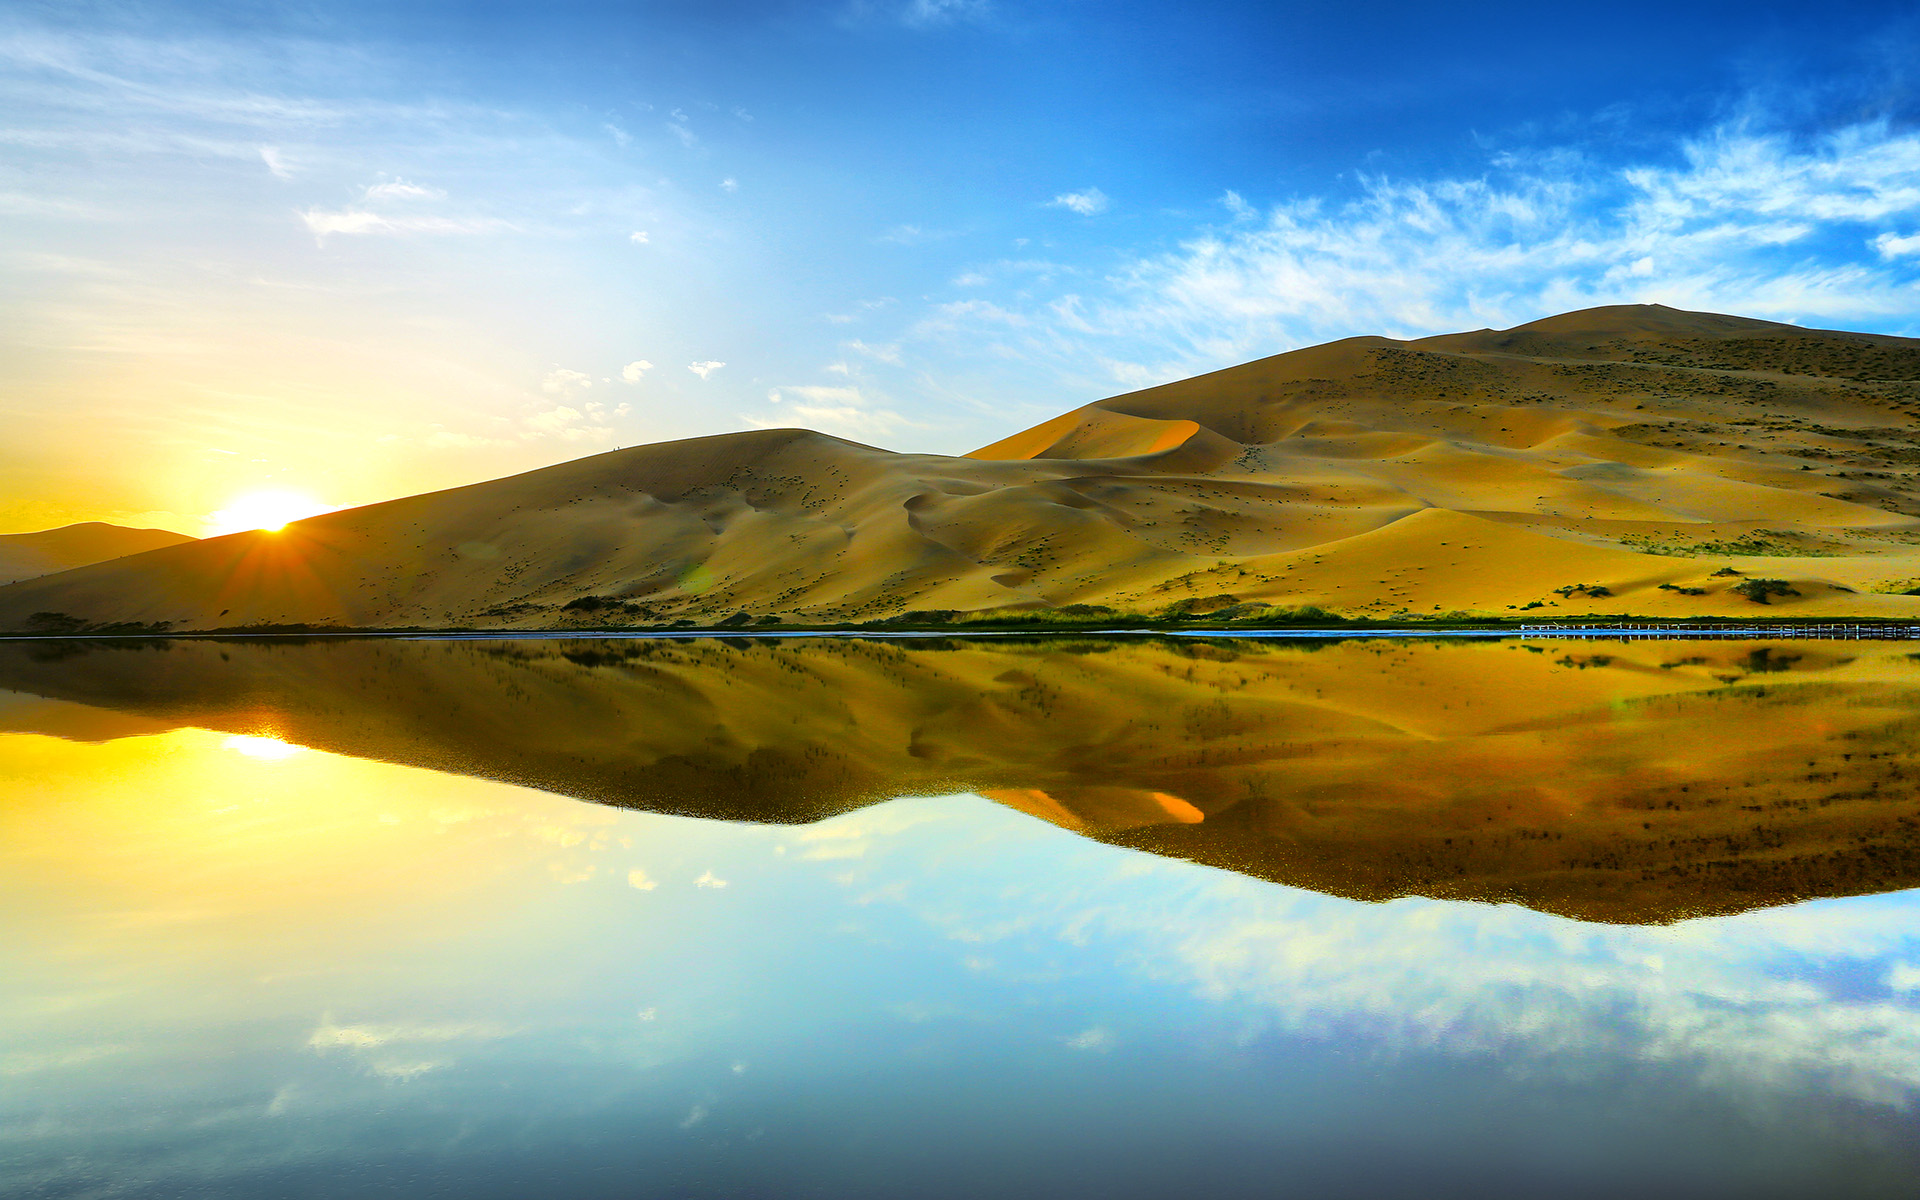 HD Wallpapers Desert Reflections